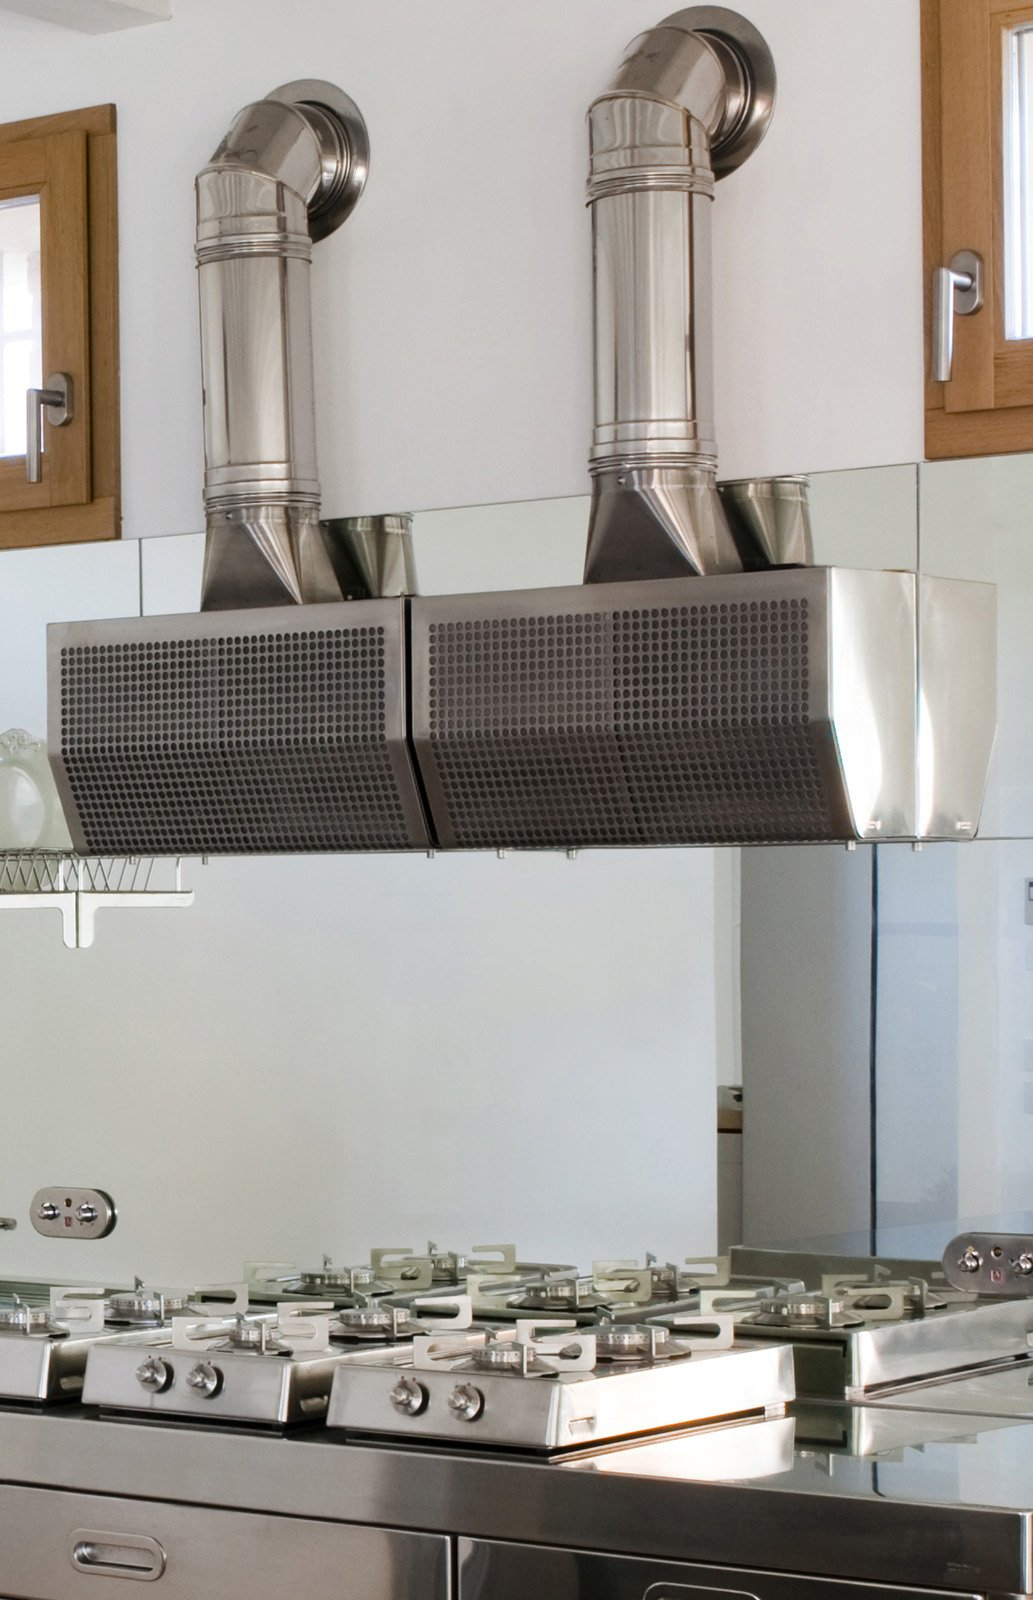 Cappe per la cucina cose di casa - Tubi a vista in casa ...